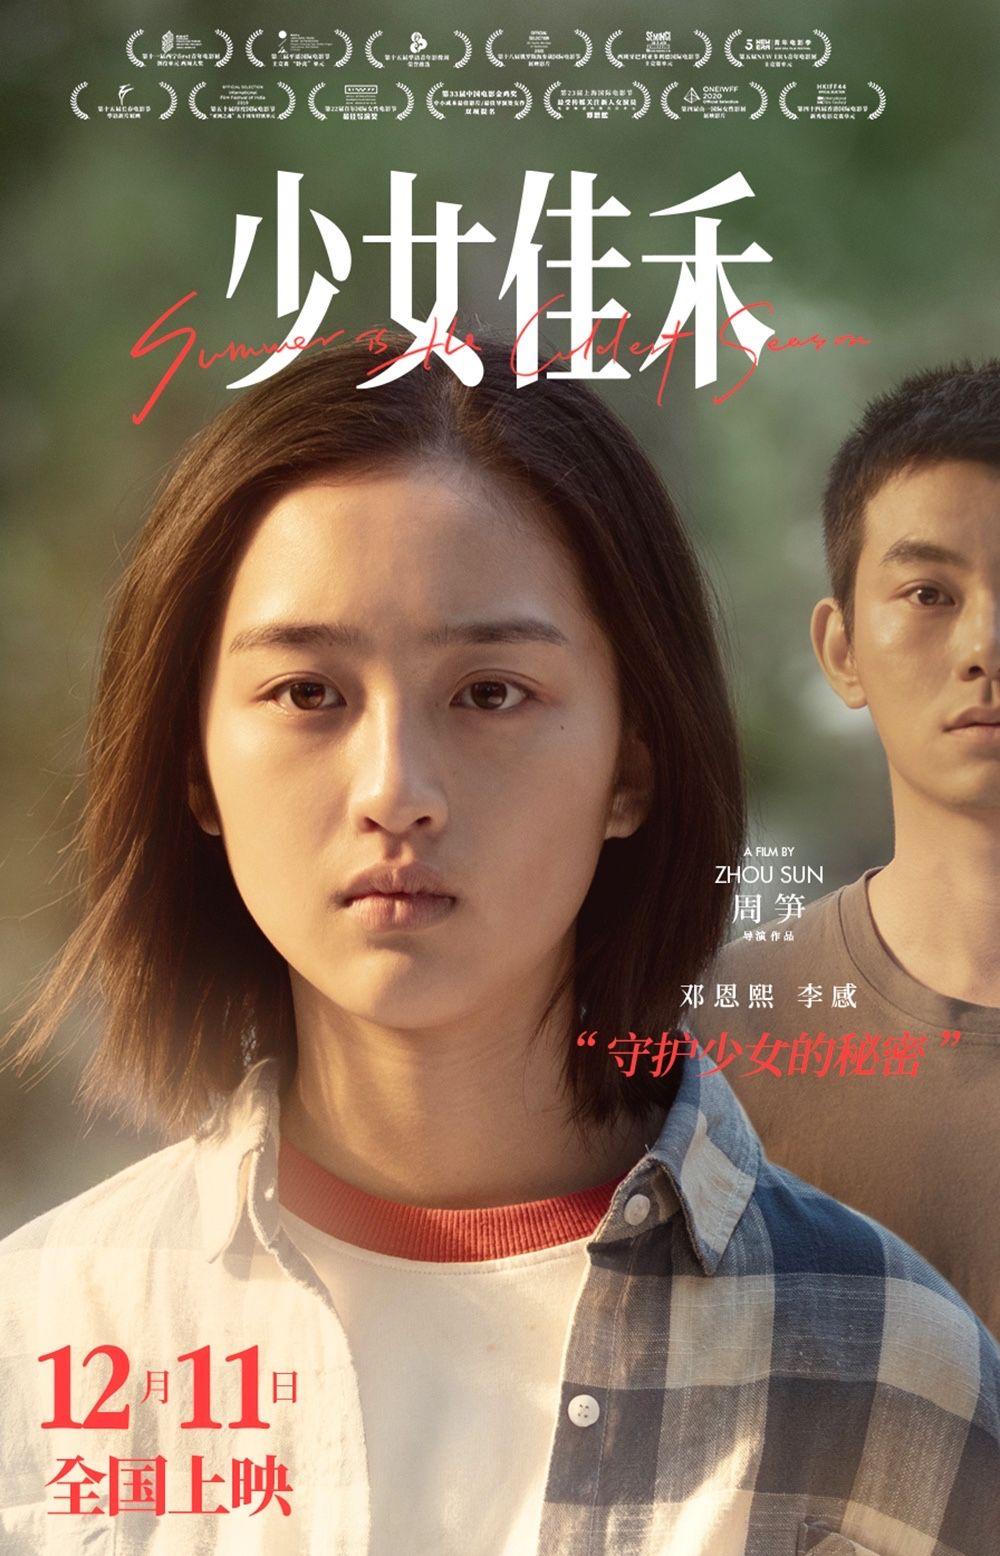 2019年国产剧情片《少女佳禾》HD国语中字